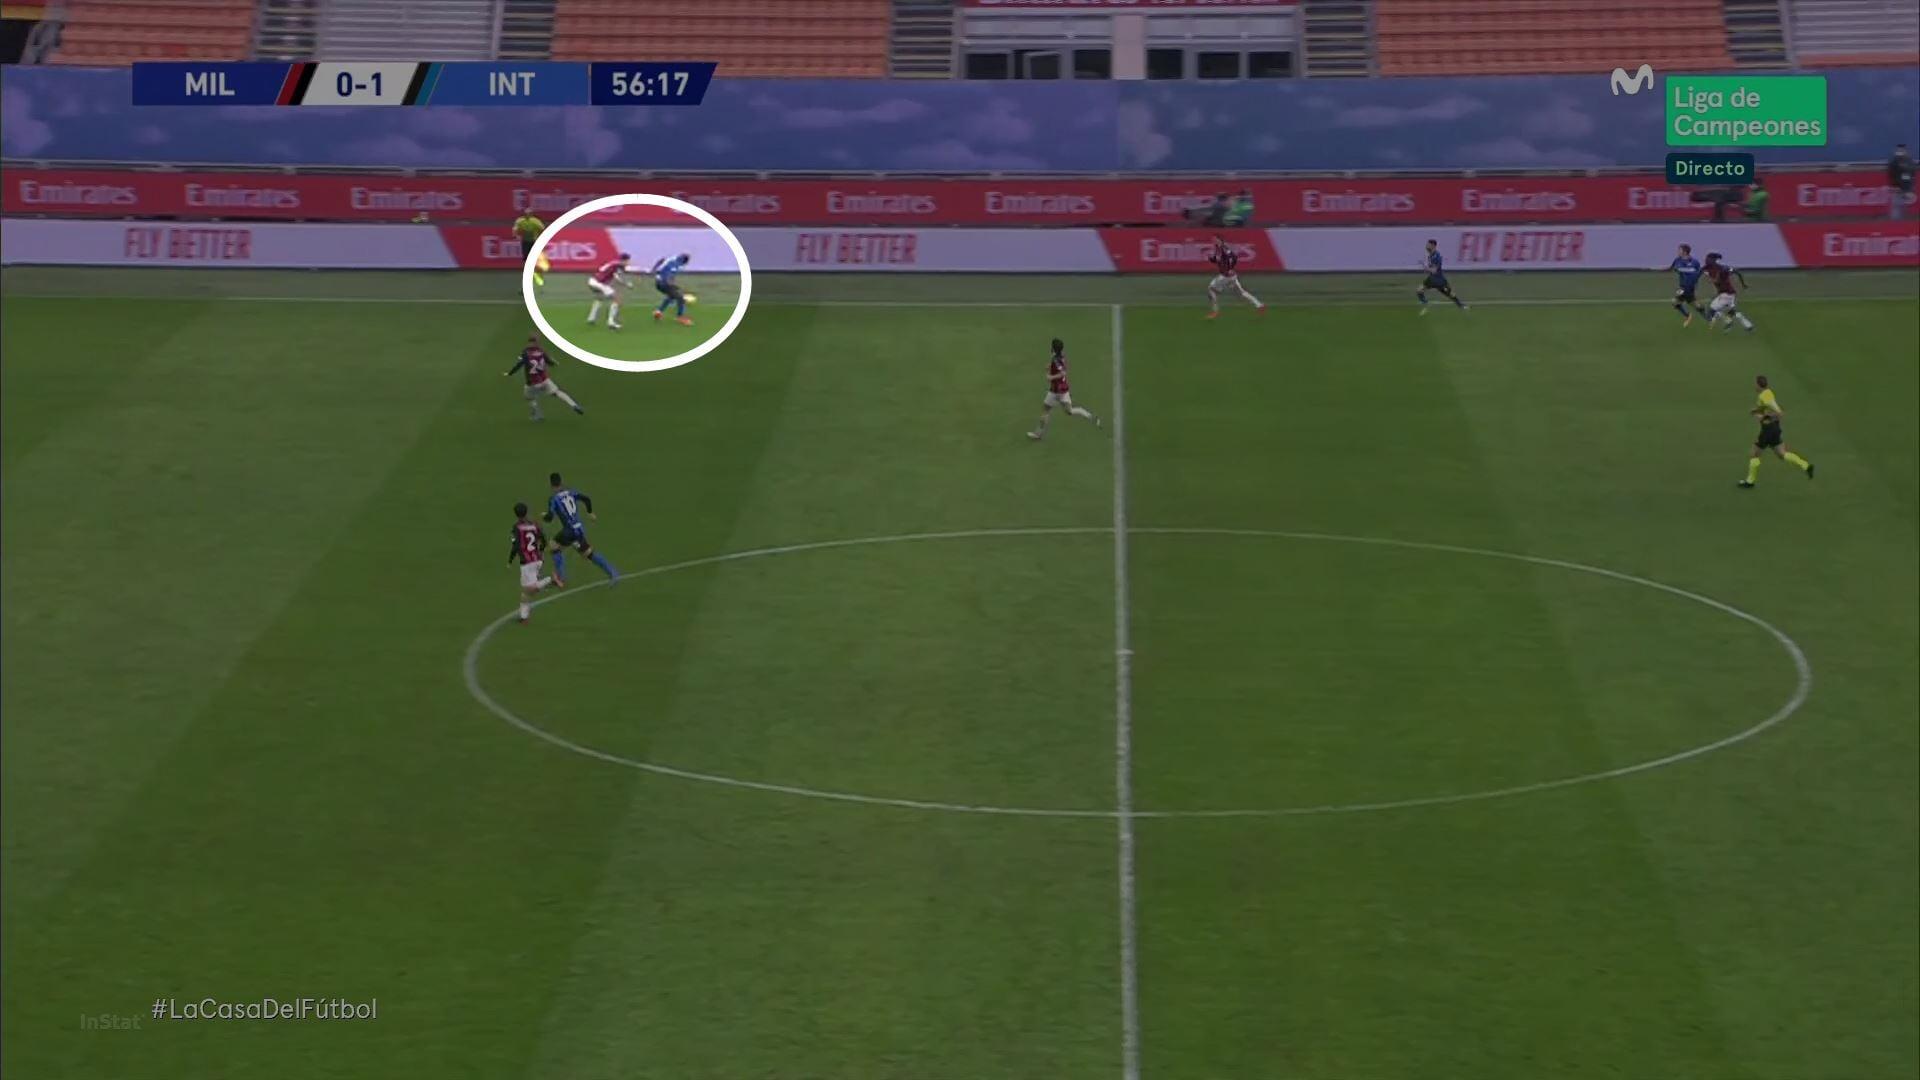 В миланском дерби Конте сочетал элементы «Атлетико» и «Ман Сити». Это фундамент победы, но в ключевые 15 минут вытащил Ханданович